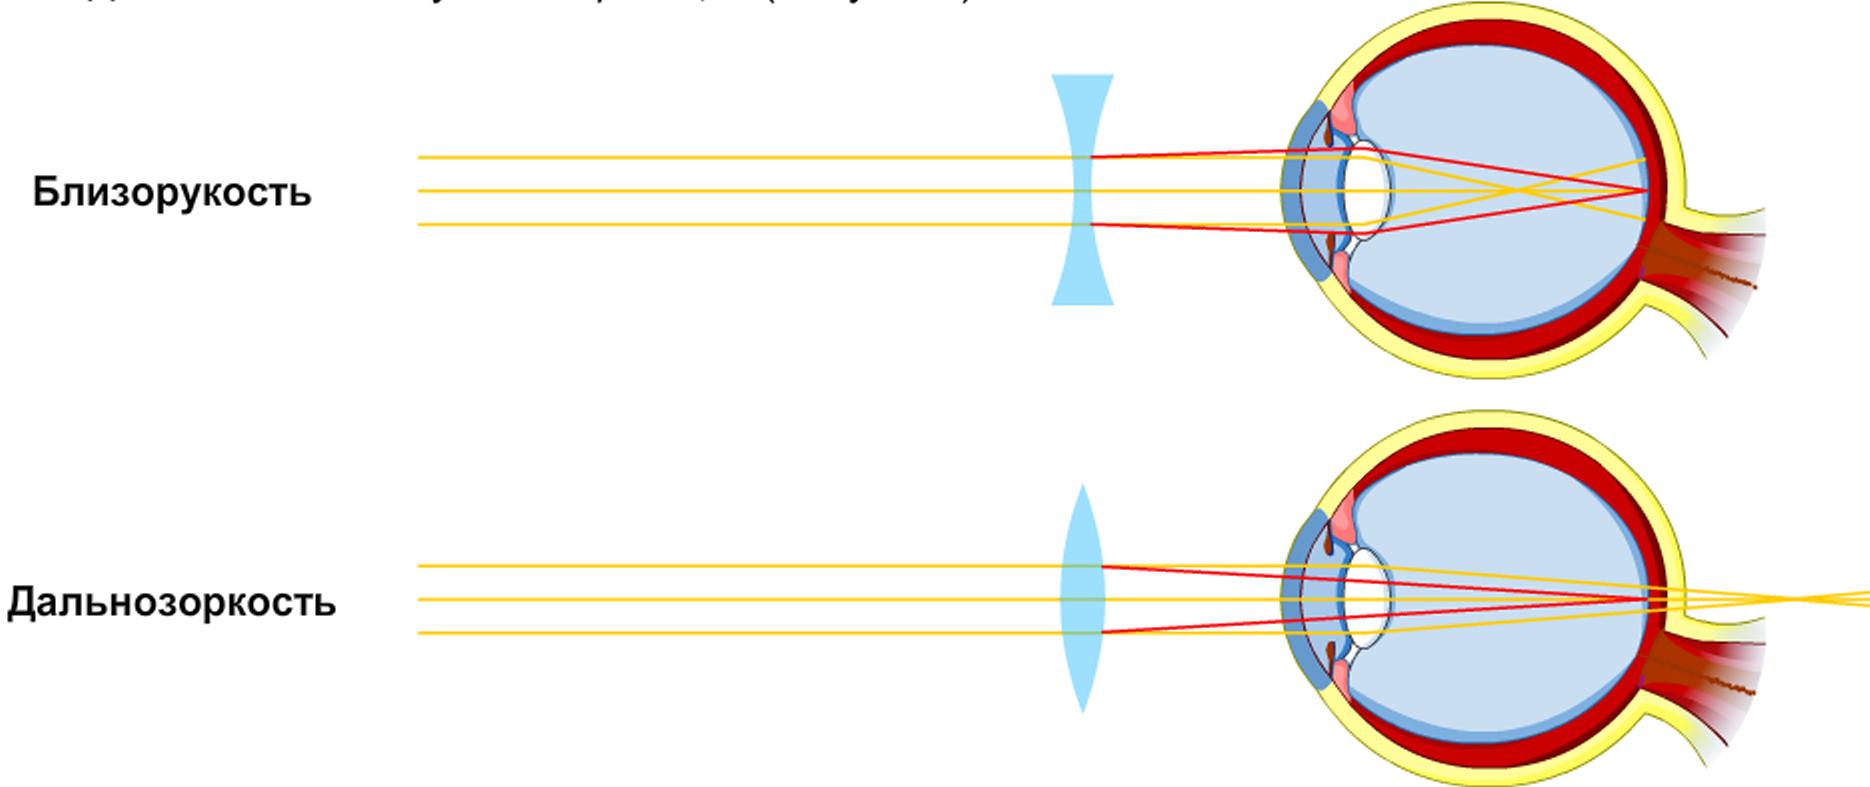 Может ли одновременно развиться близорукость и дальнозоркость?